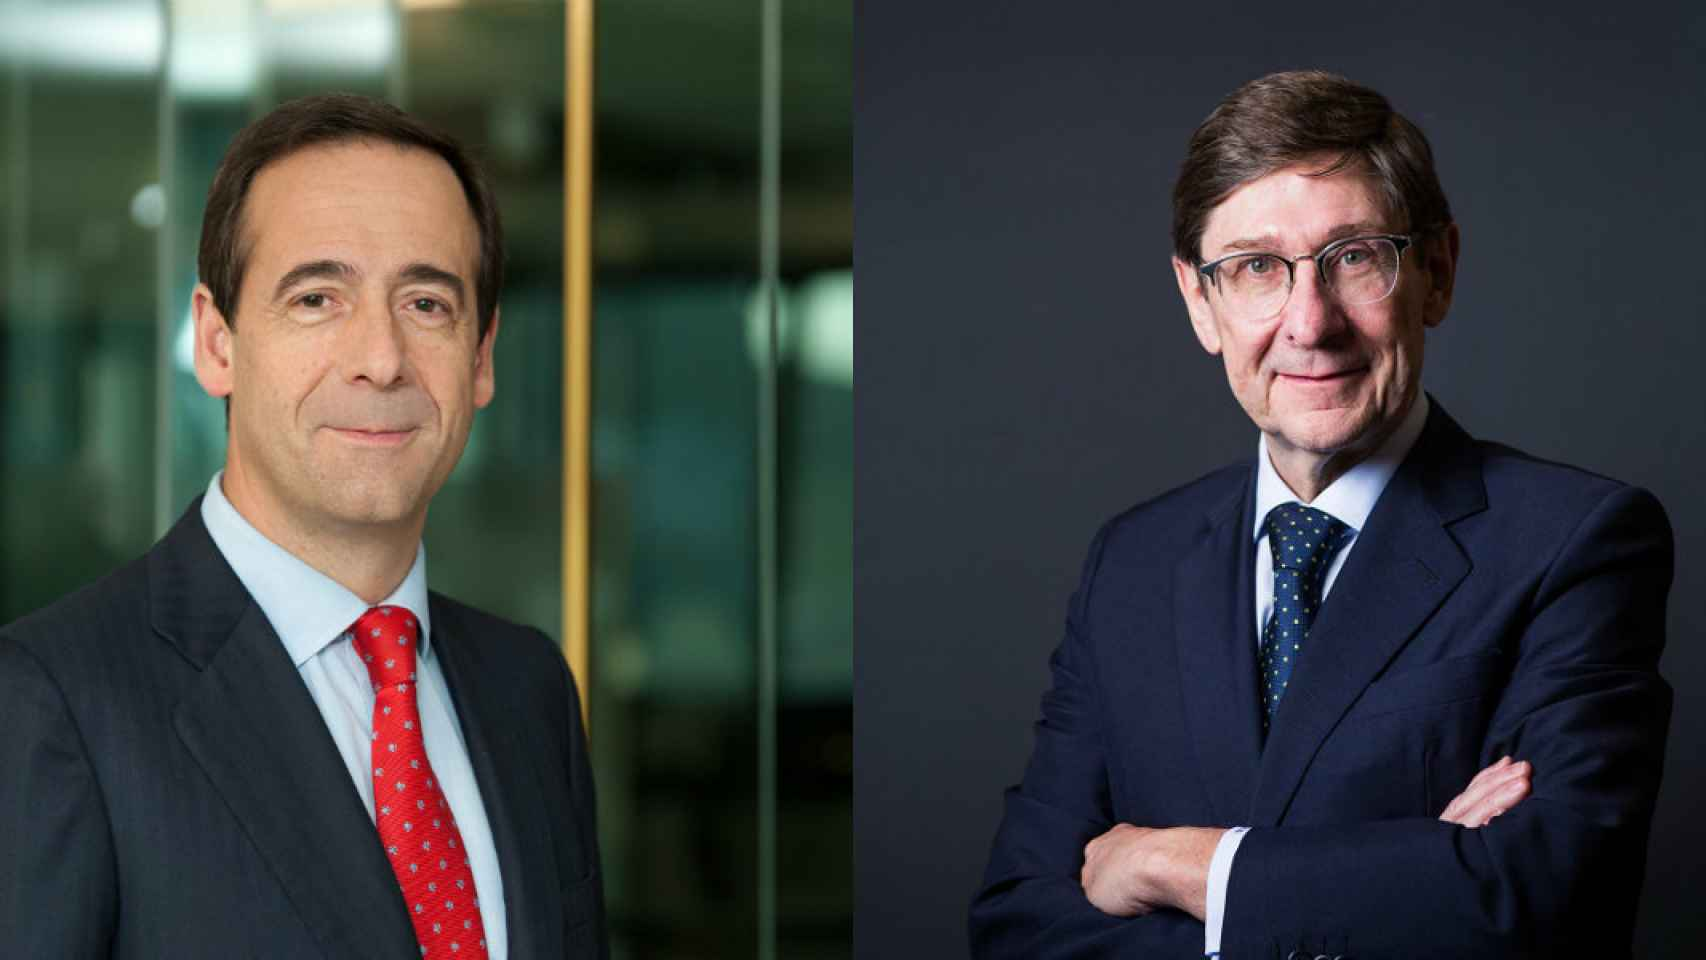 El consejero delegado de CaixaBank, Gonzalo Gortázar y el presidente de Bankia, José Ignacio Goirigolzarri.